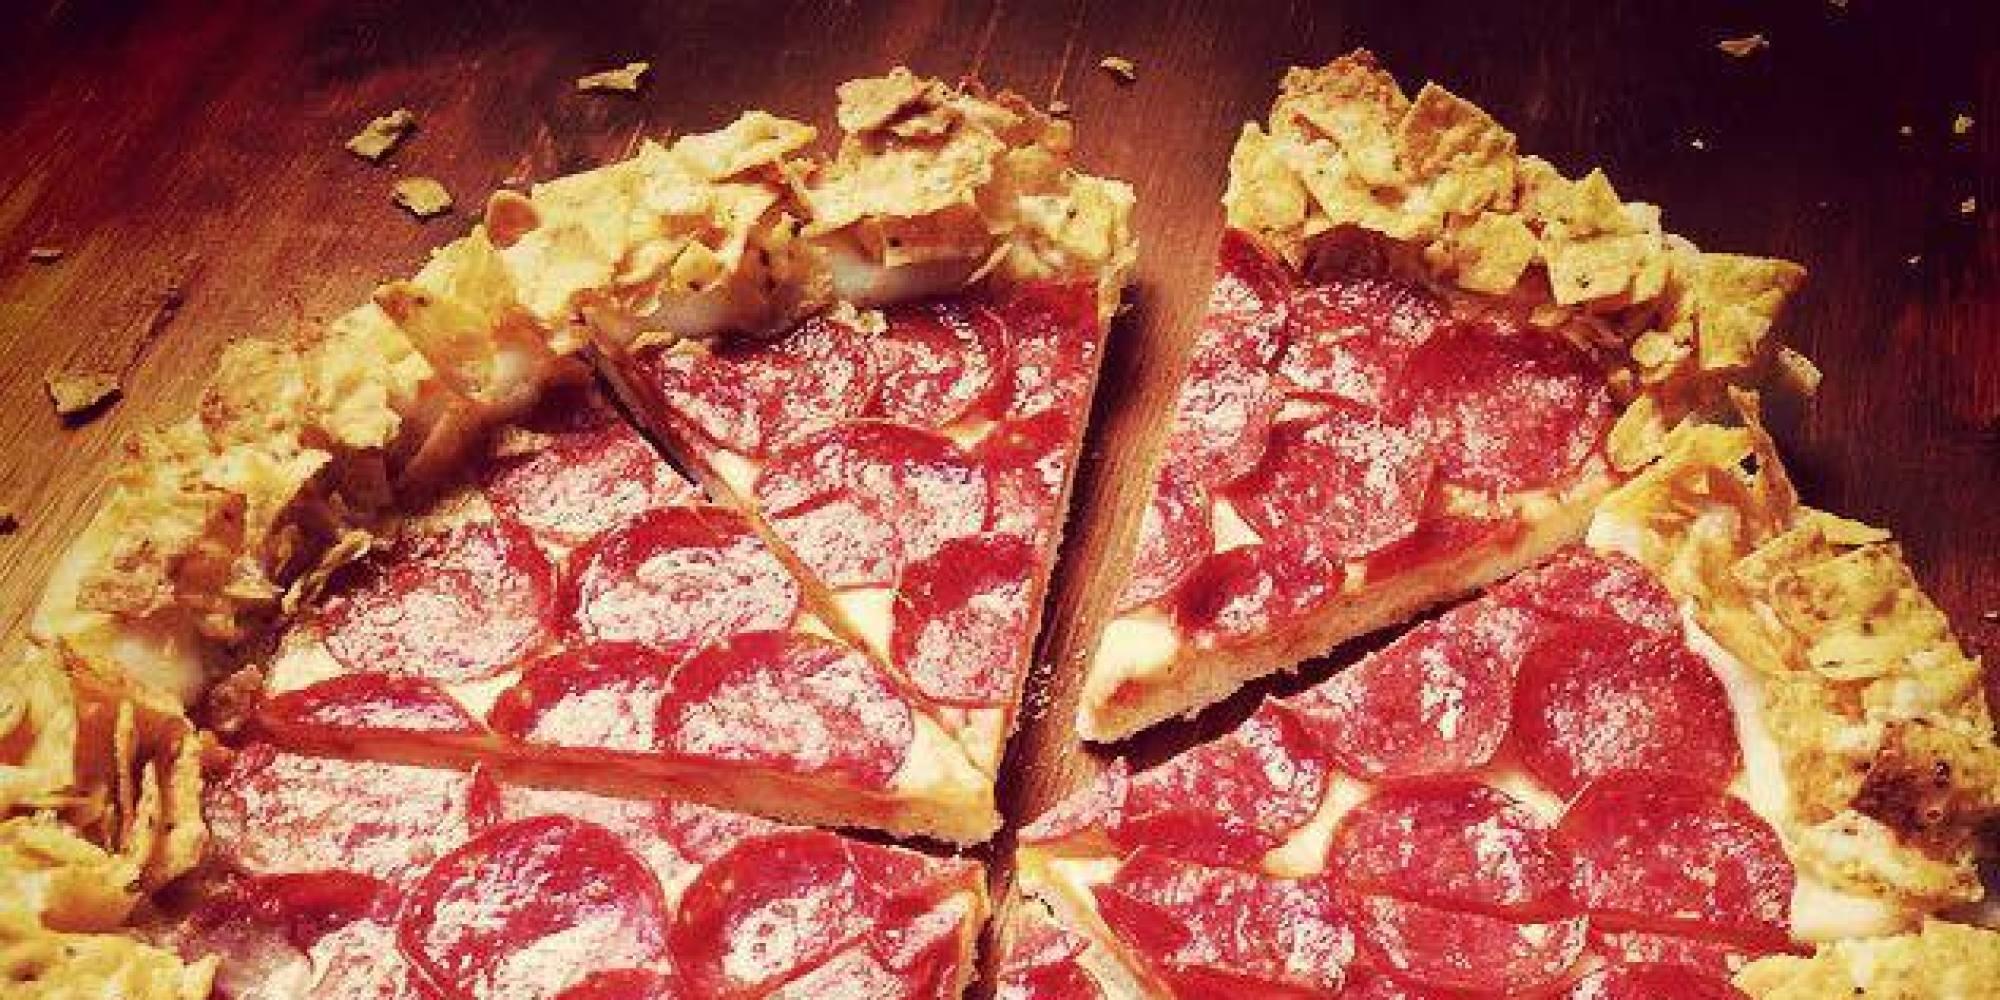 Пържен шоколад, пица с чипс и още гадории за бързо хранене